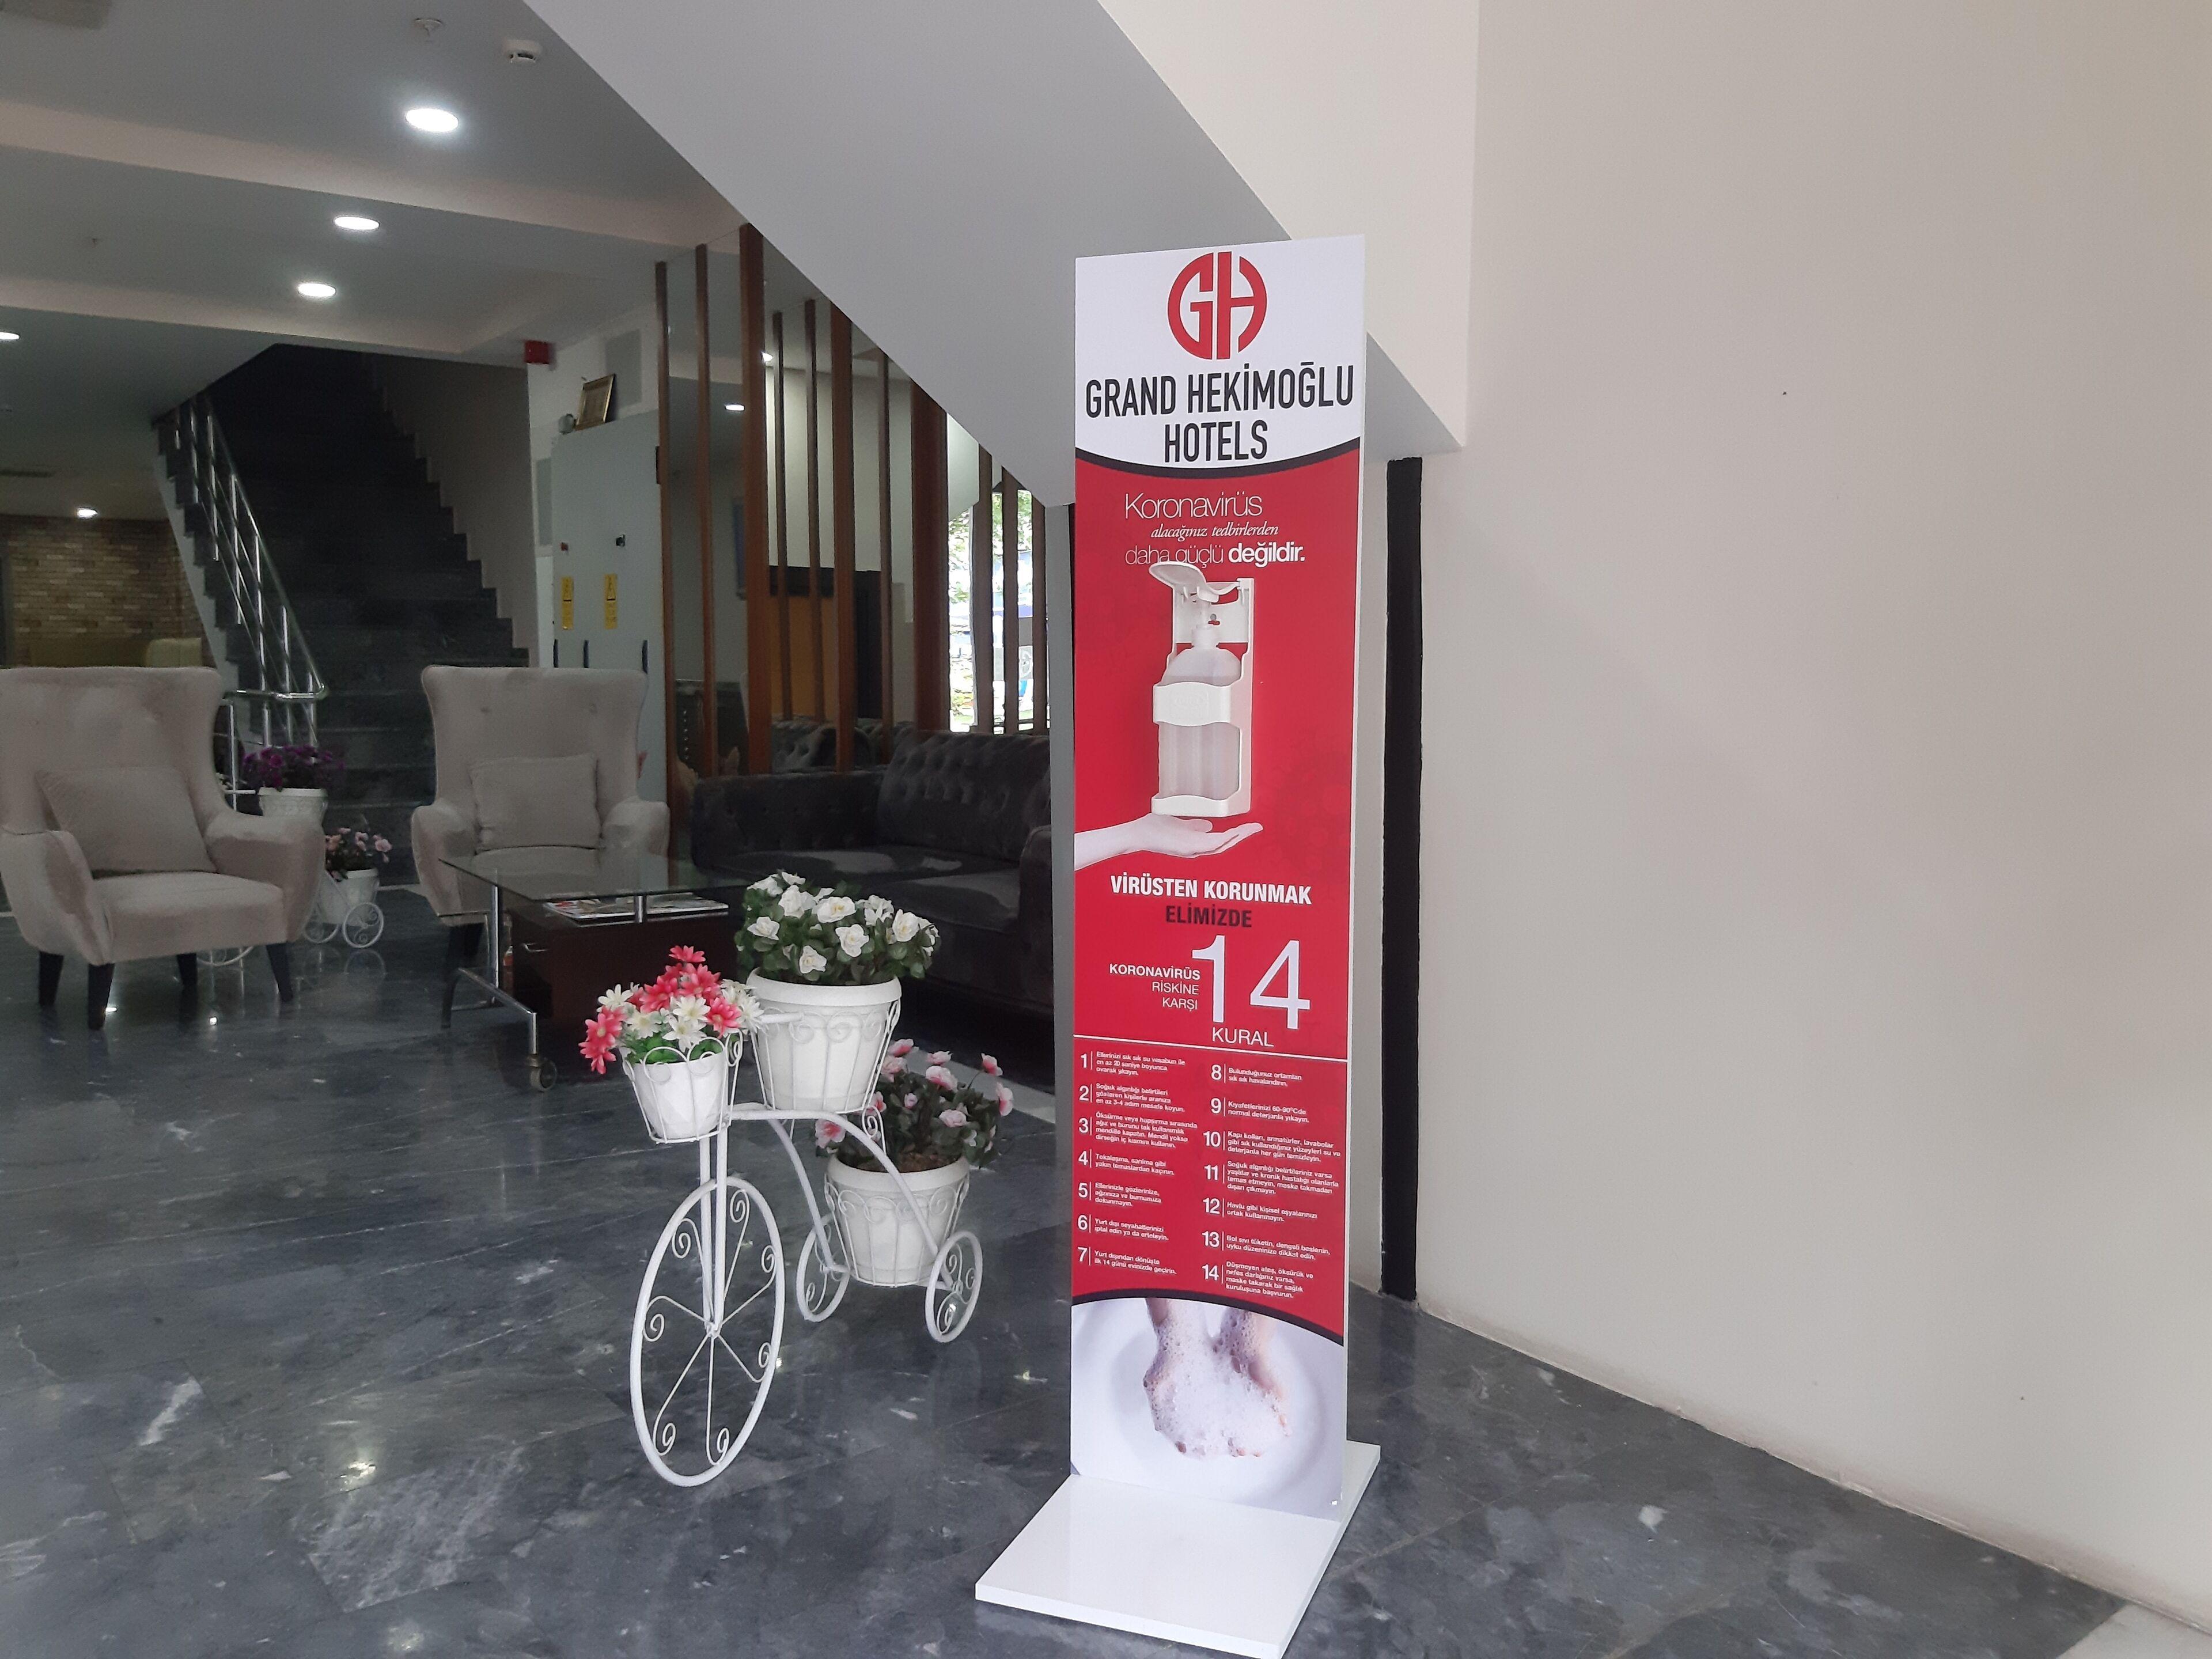 Grand Hekimoglu Hotel